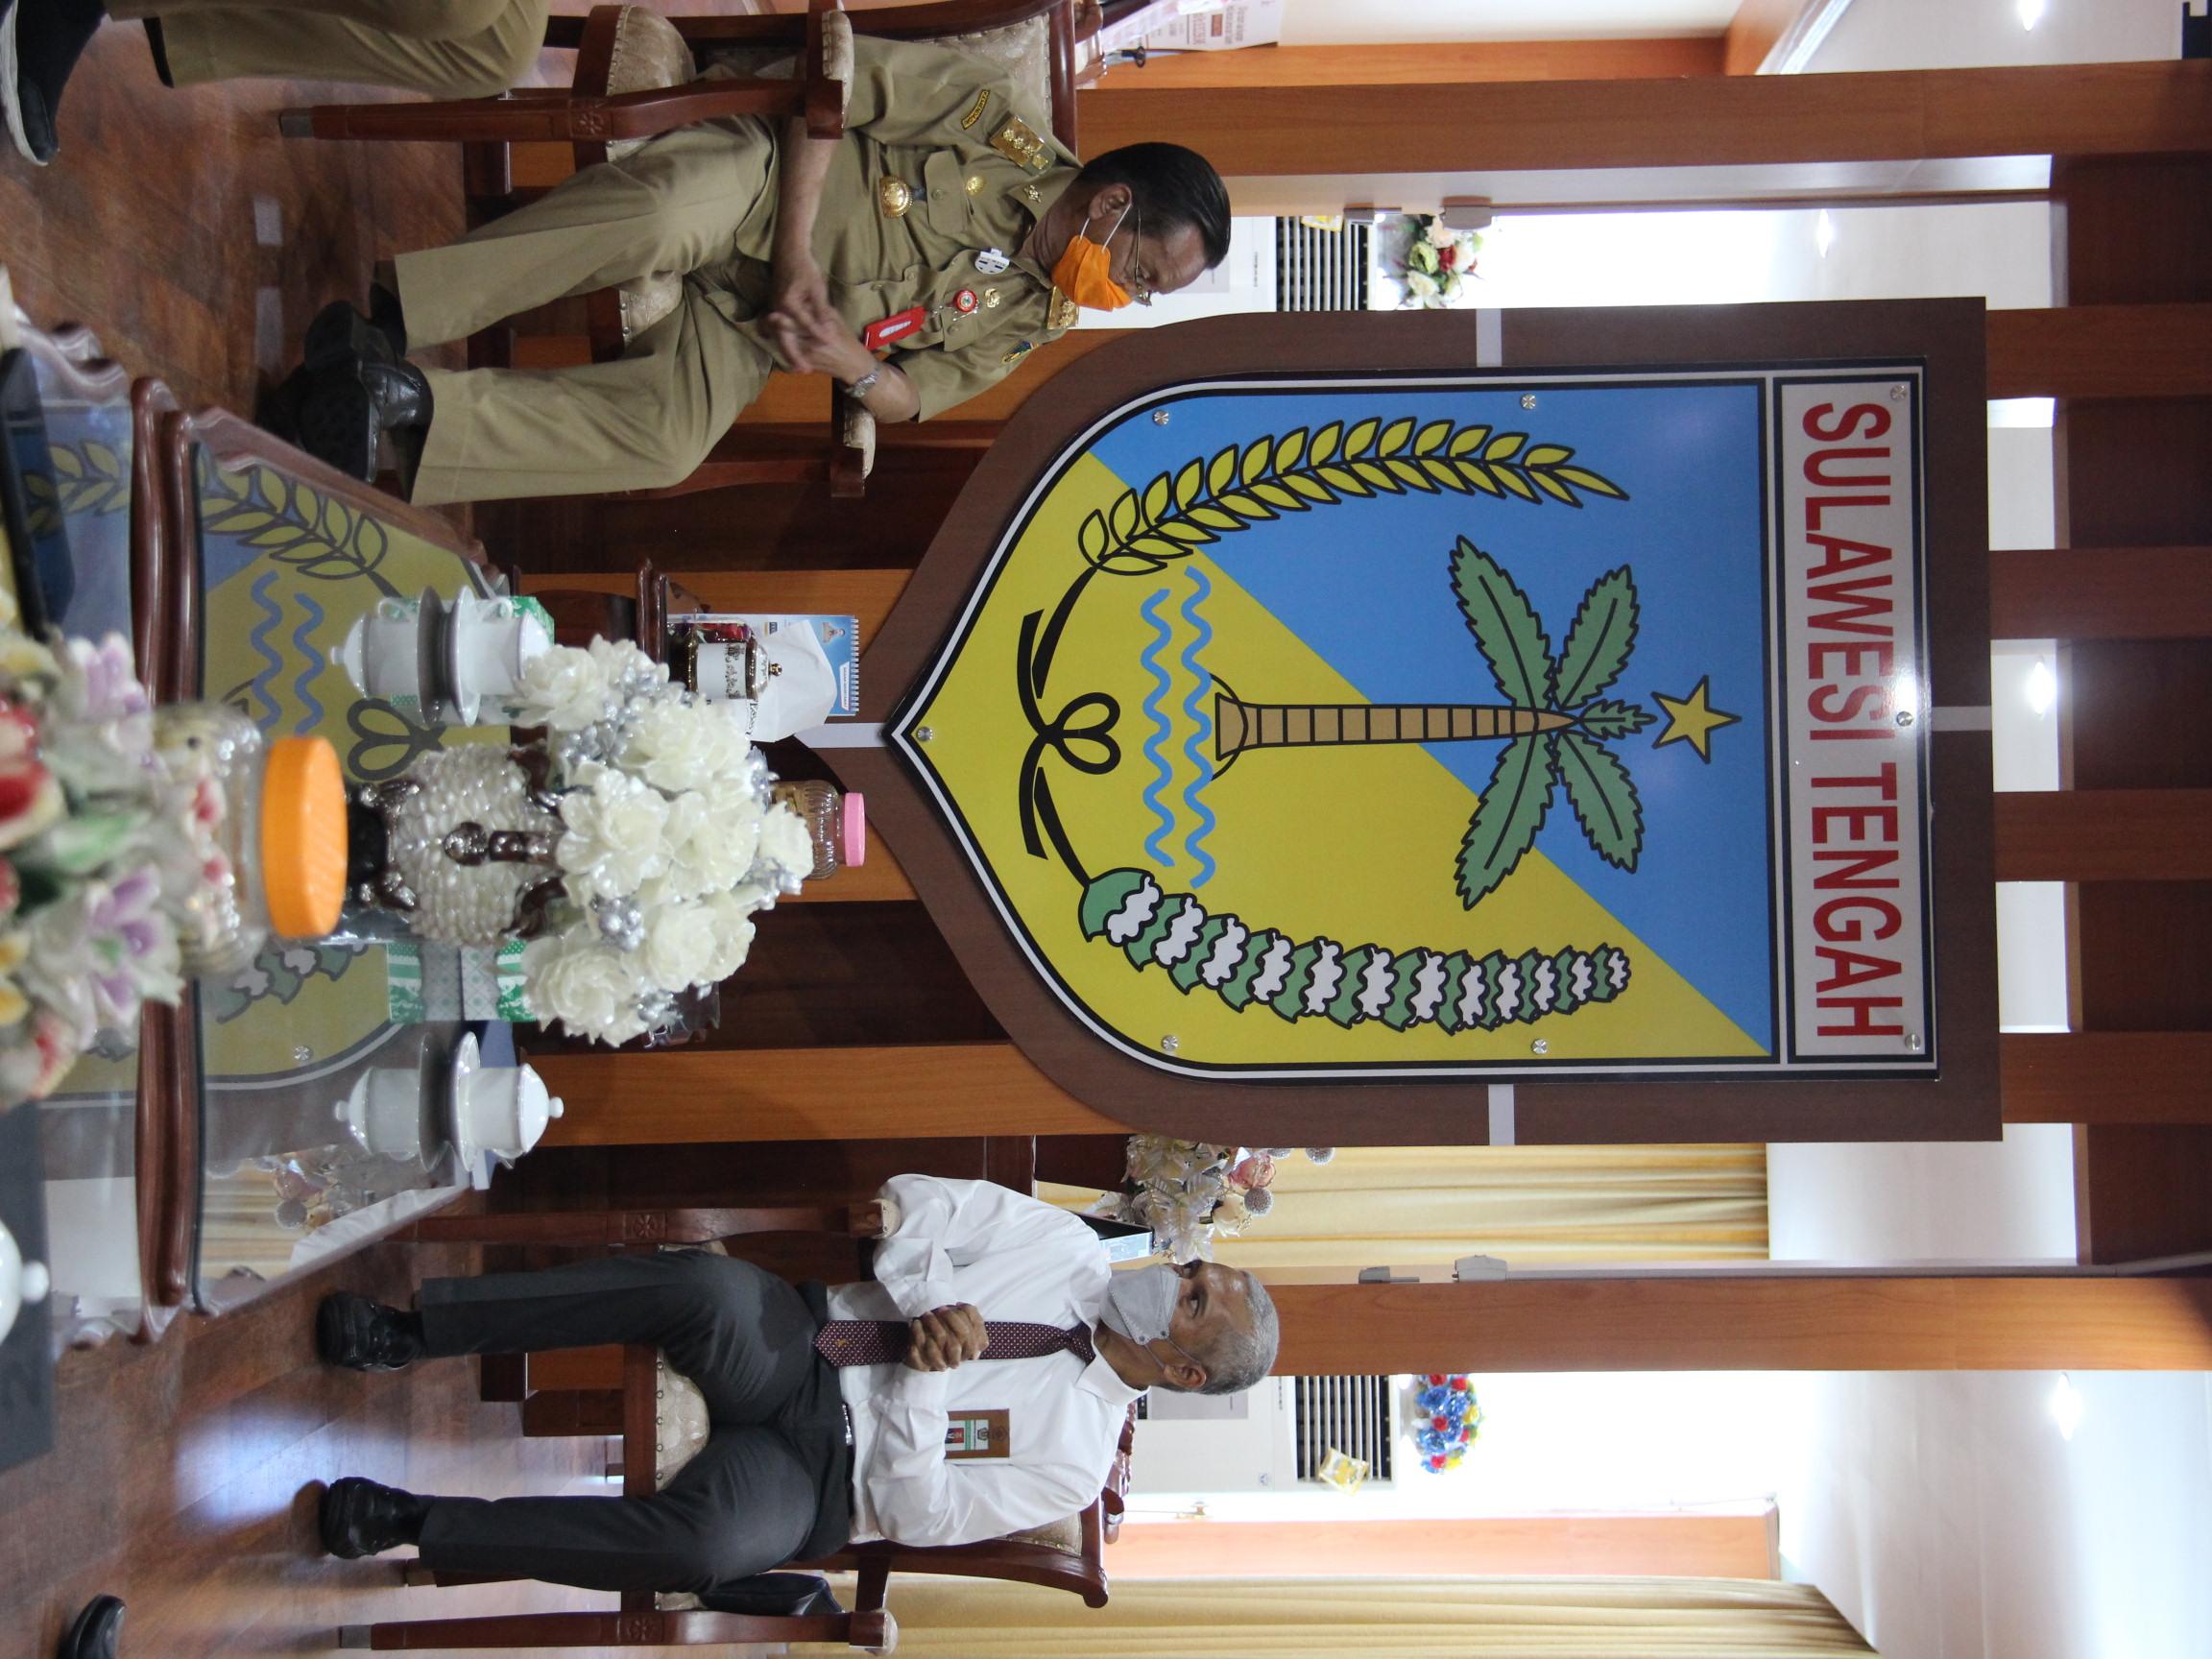 Sambangi Gubernur Sulawesi Tengah, KPKNL Palu Lakukan Koordinasi Lelang BMD Provinsi Sulawesi Tengah